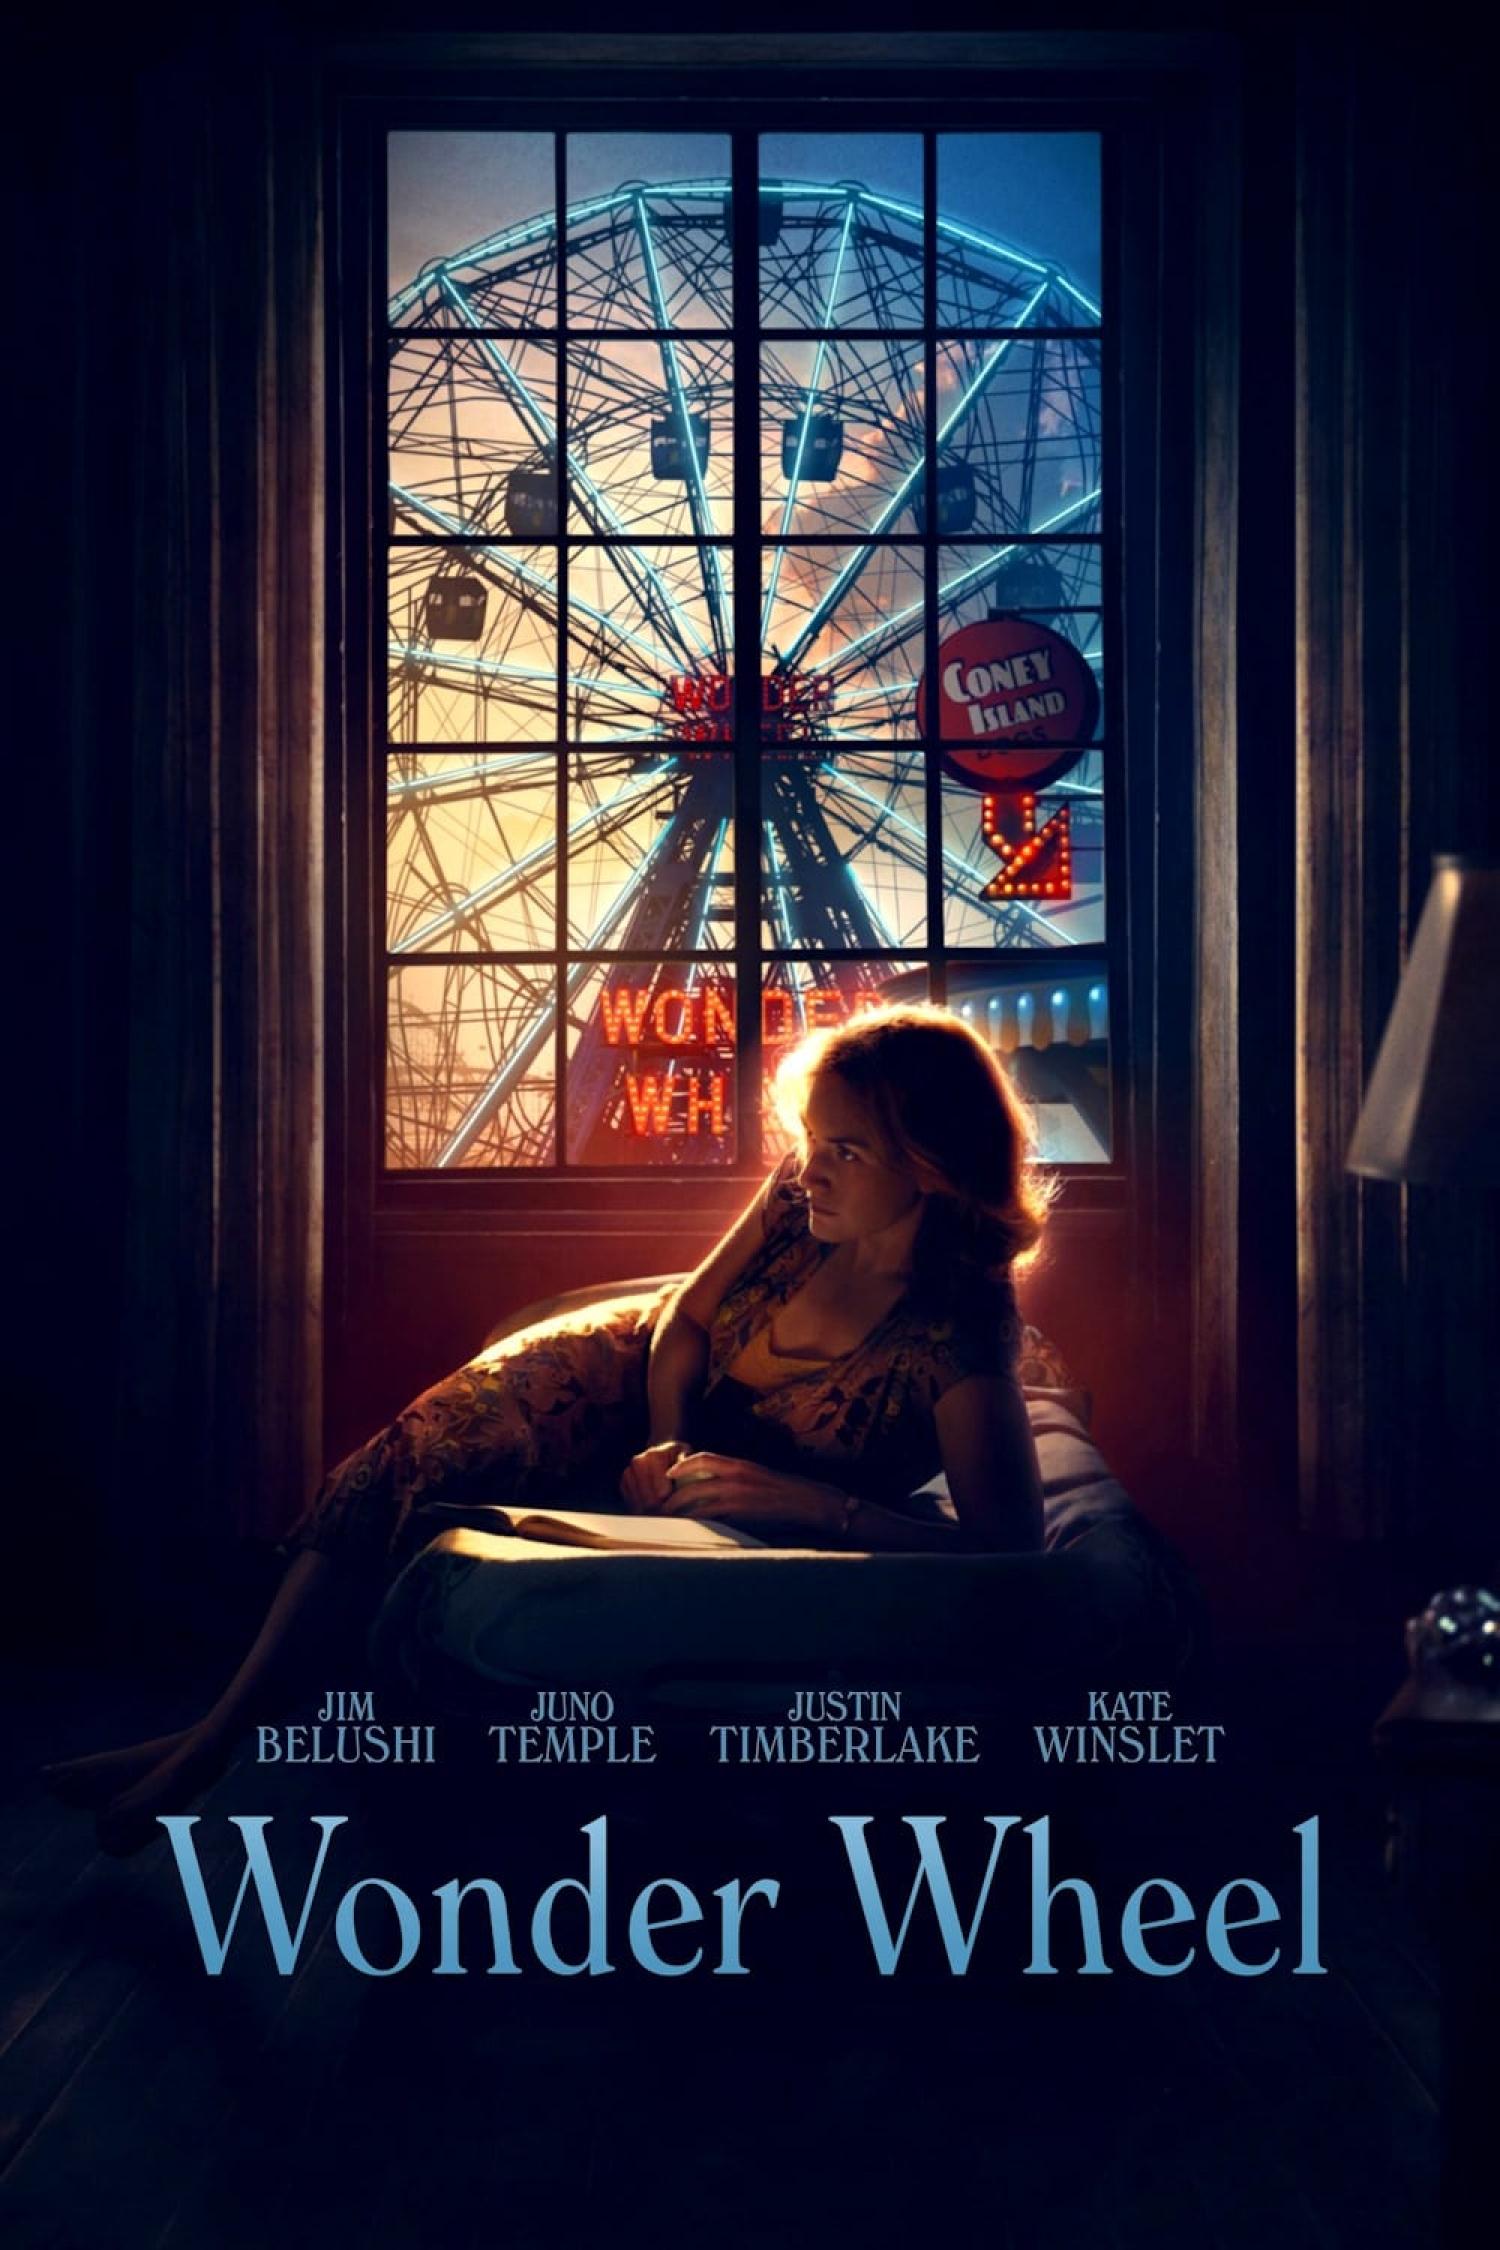 Film Wonder Wheel